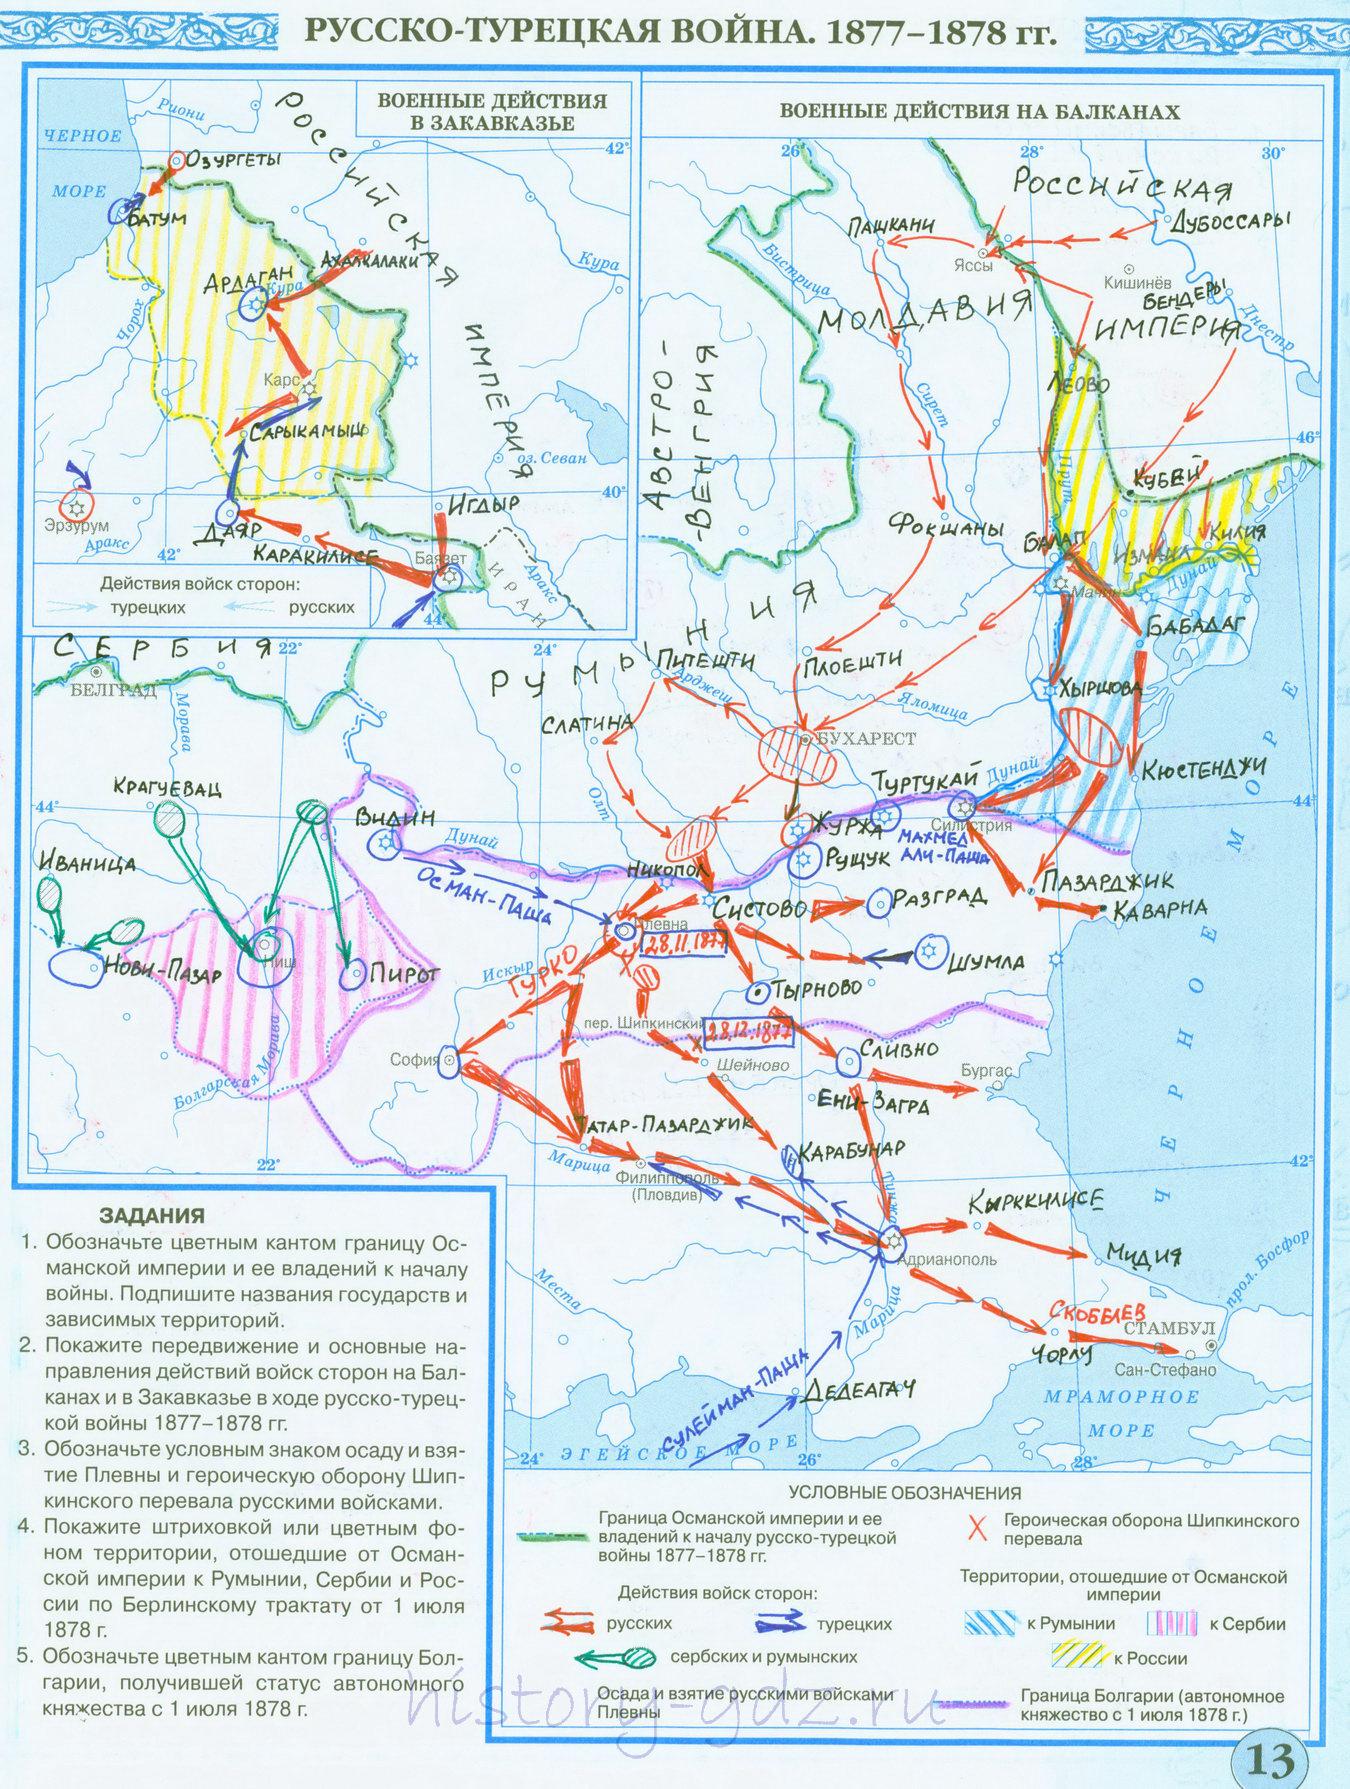 Гдз контурные карты по истории 8 класс издательство дрофа